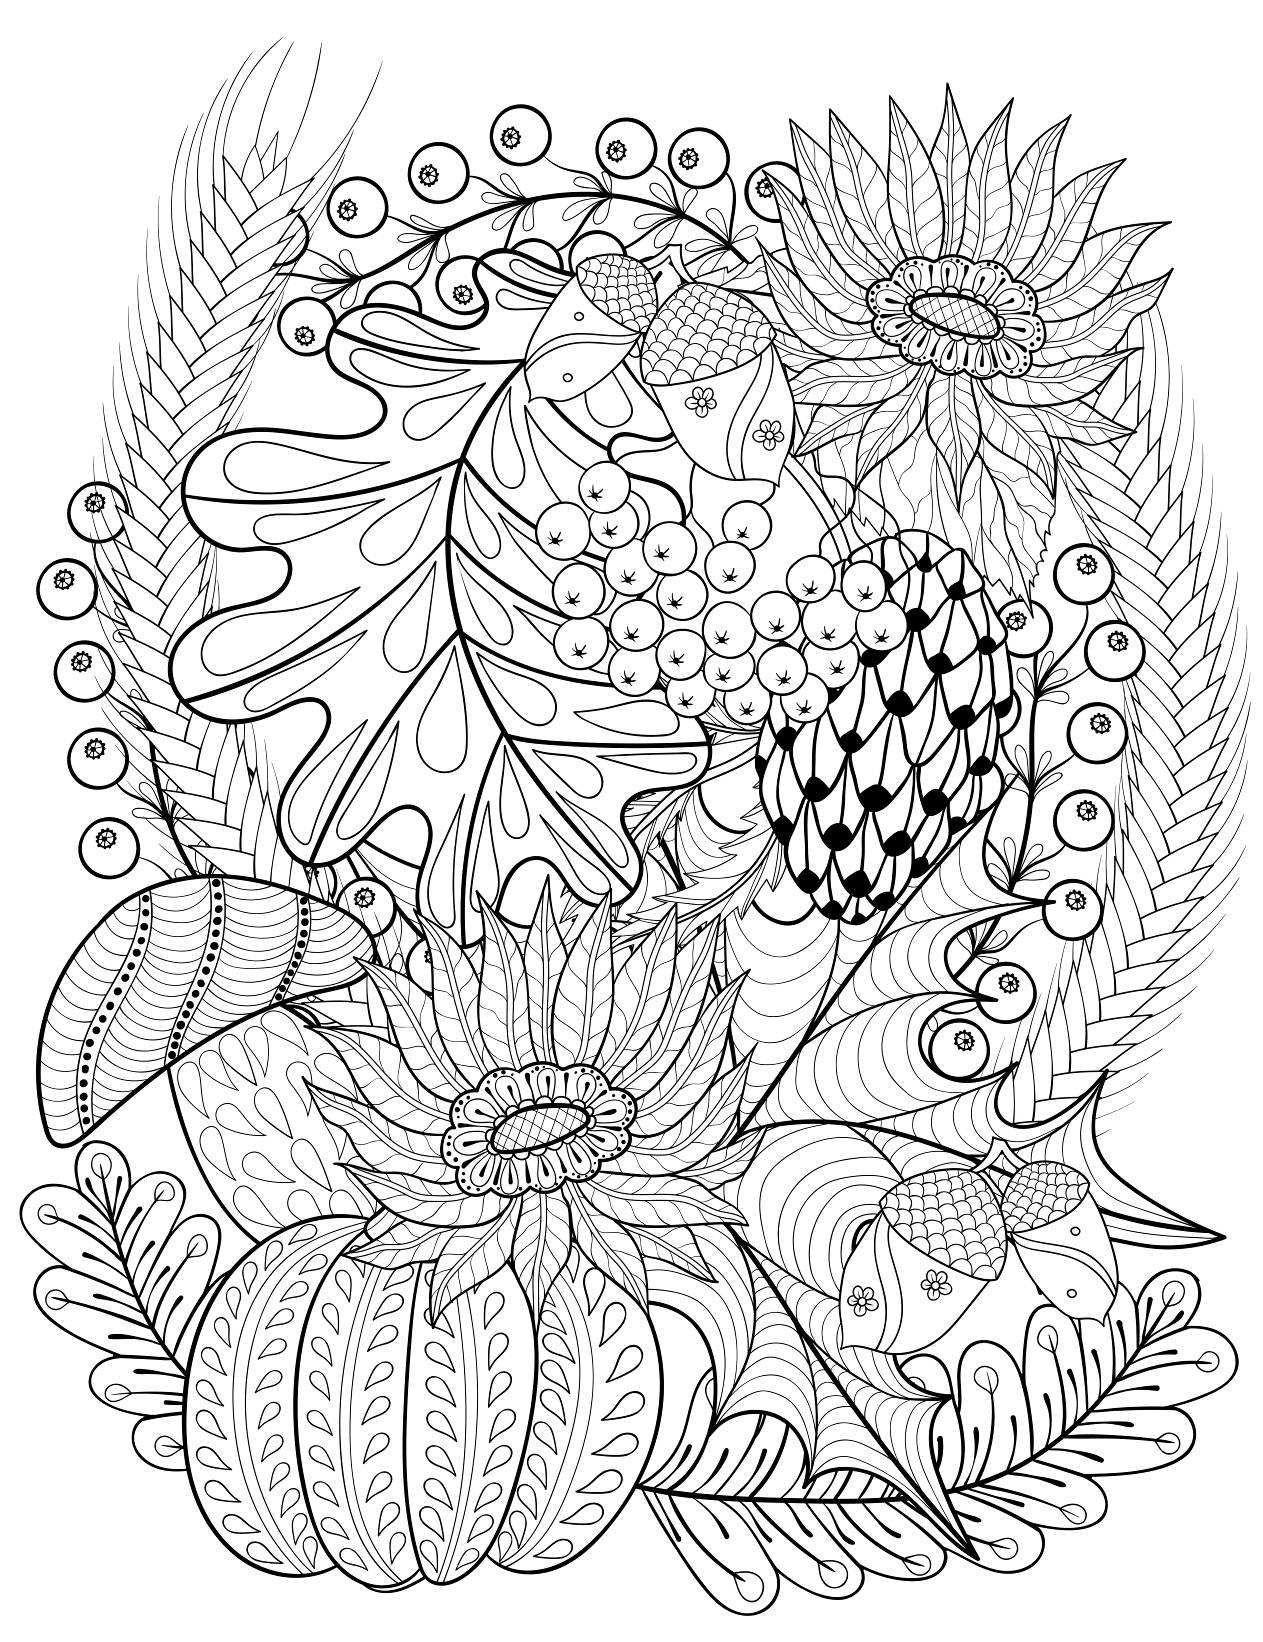 abstracto-otoño-libro-coloring-page-28 | Flores y frutas 05 ...